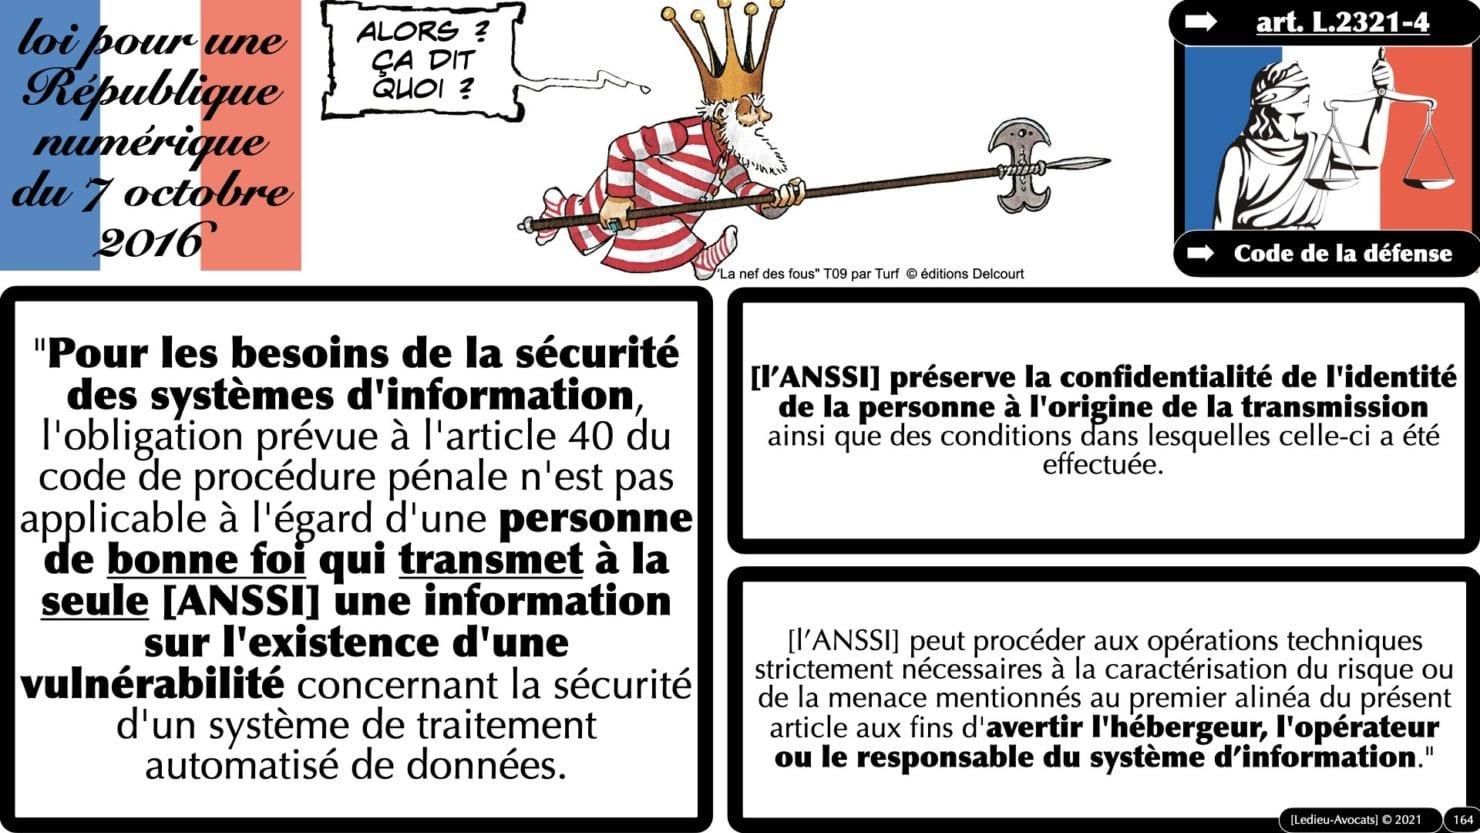 333 CYBER ATTAQUE responsabilité pénale civile contrat © Ledieu-Avocats 23-05-2021.164